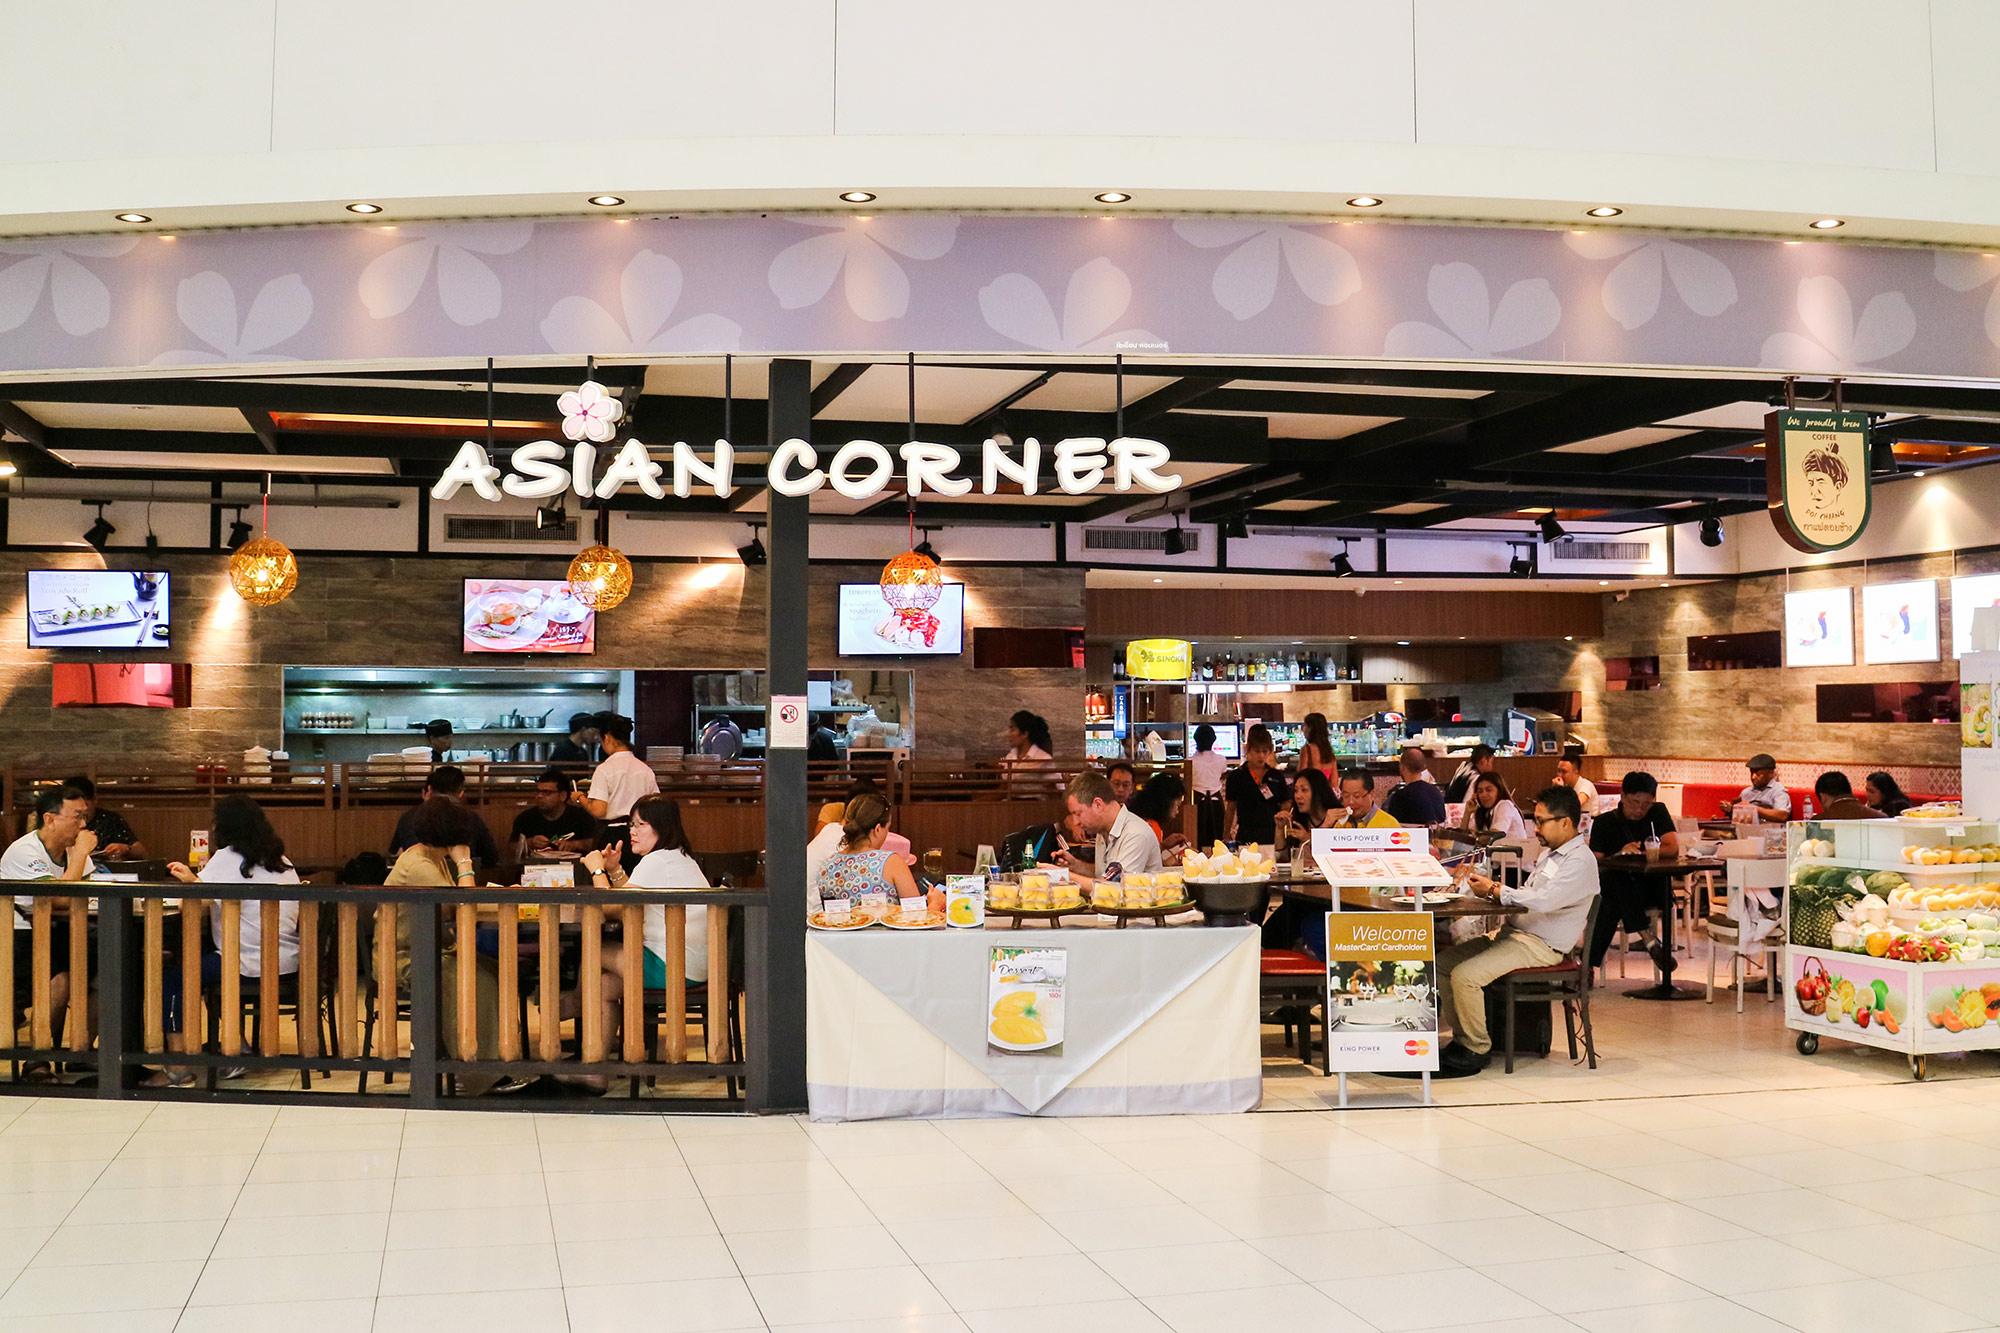 เอเชี่ยน คอร์นเนอร์ Asian Corner  เอเชี่ยน คอร์นเนอร์ Asian Corner สนามบินสุวรรณภูมิ IMG 1431